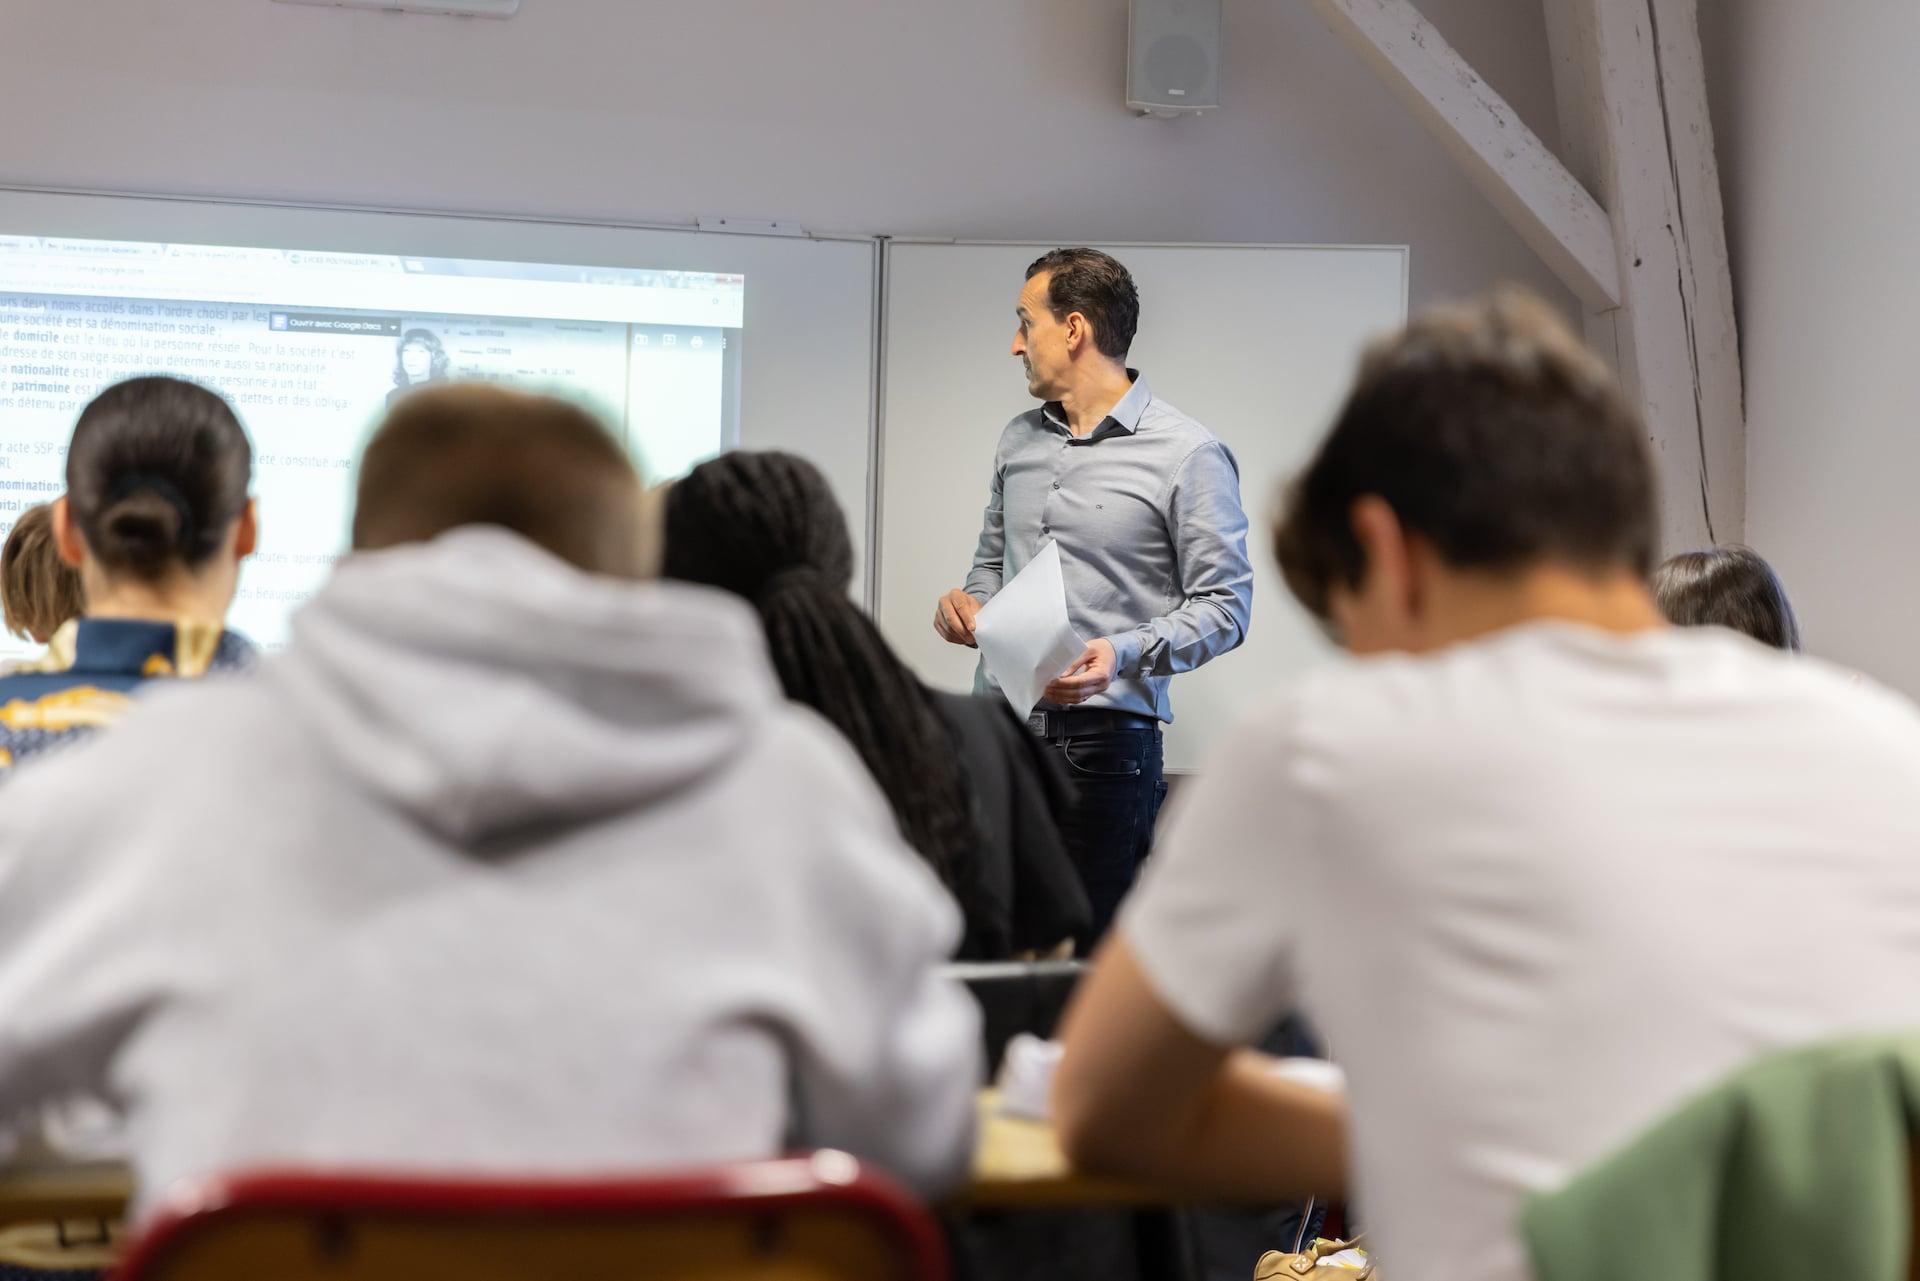 lycee-talensac-nantes-general-technologique-professionnel-enseignement-superieur-63